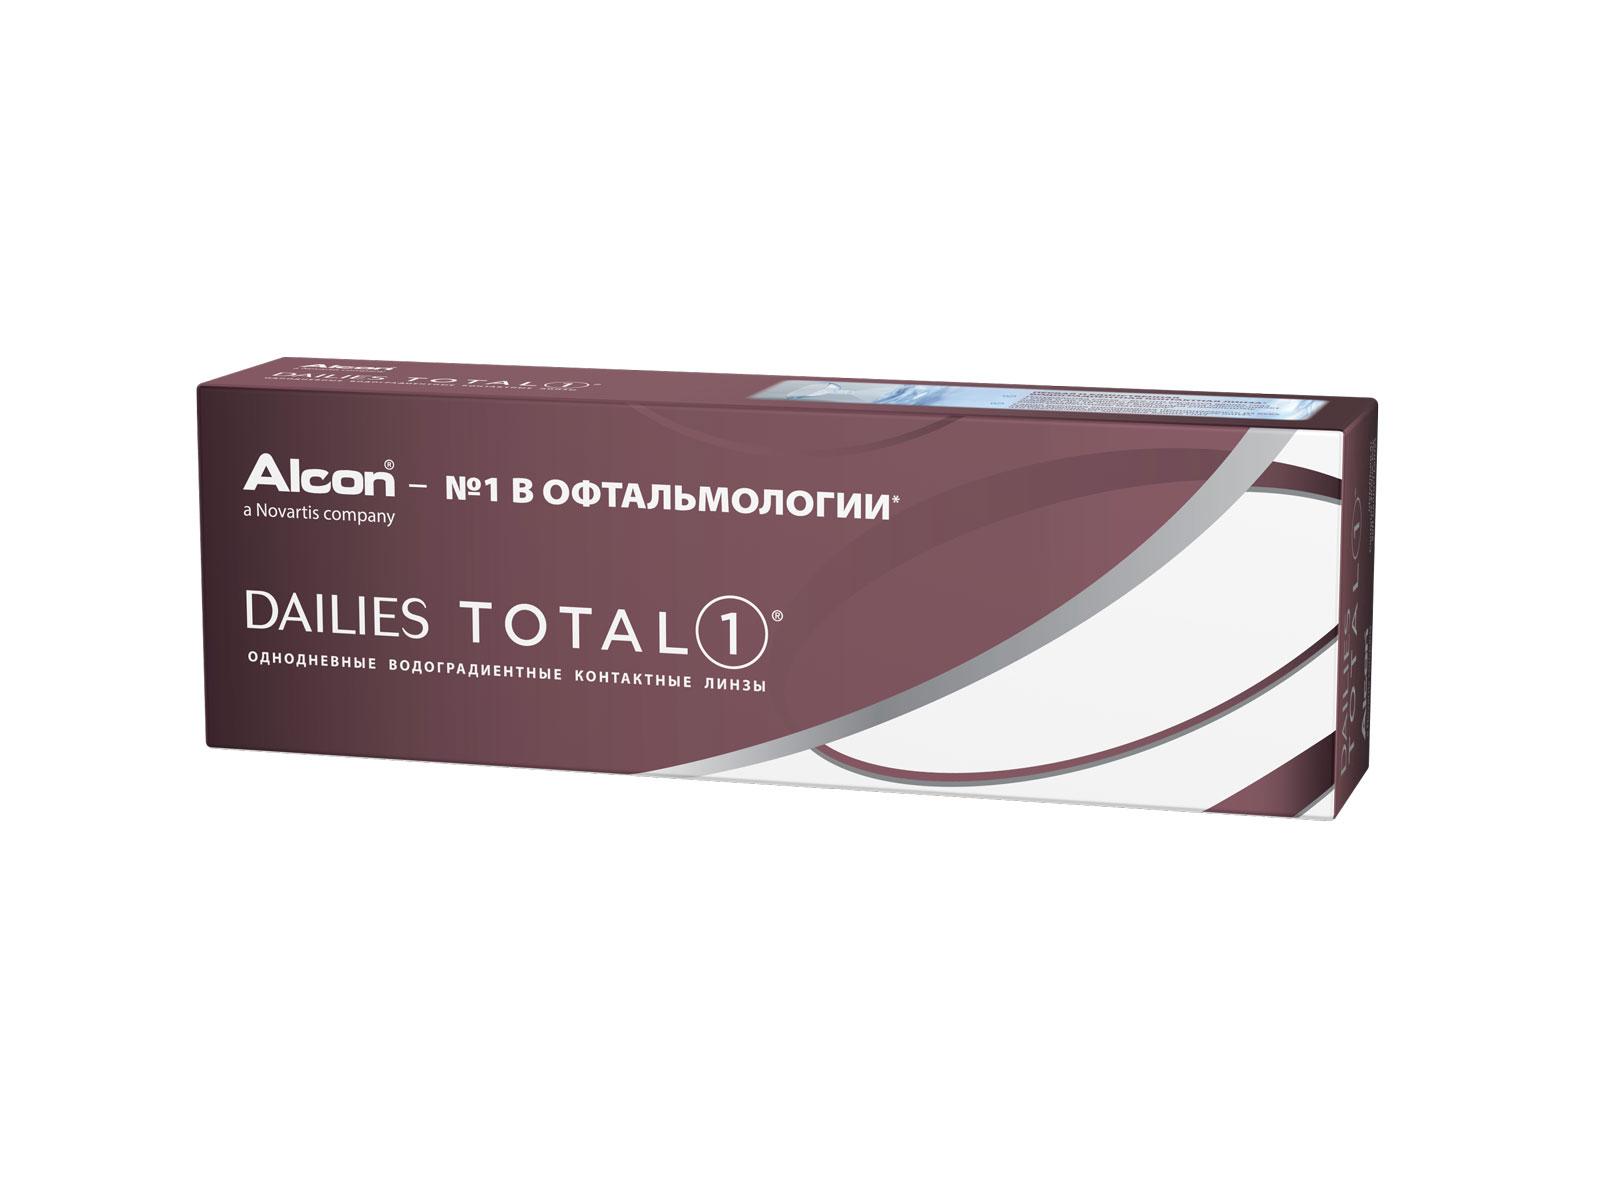 Alcon контактные линзы Dailies Total 1 30pk /+4.50 / 8.5 / 14.1100020746Dailies Total 1 – линзы, которые не чувствуешь с утра и до поздного вечера. Эти однодневные контактные линзы выполнены из уникального водоградиентного материала, багодаря которому натуральная слеза – это все, что касается ваших глаз. Почти 100% влаги на поверхности обеспечивают непревзойденный комфорт до 16 часов ношения.